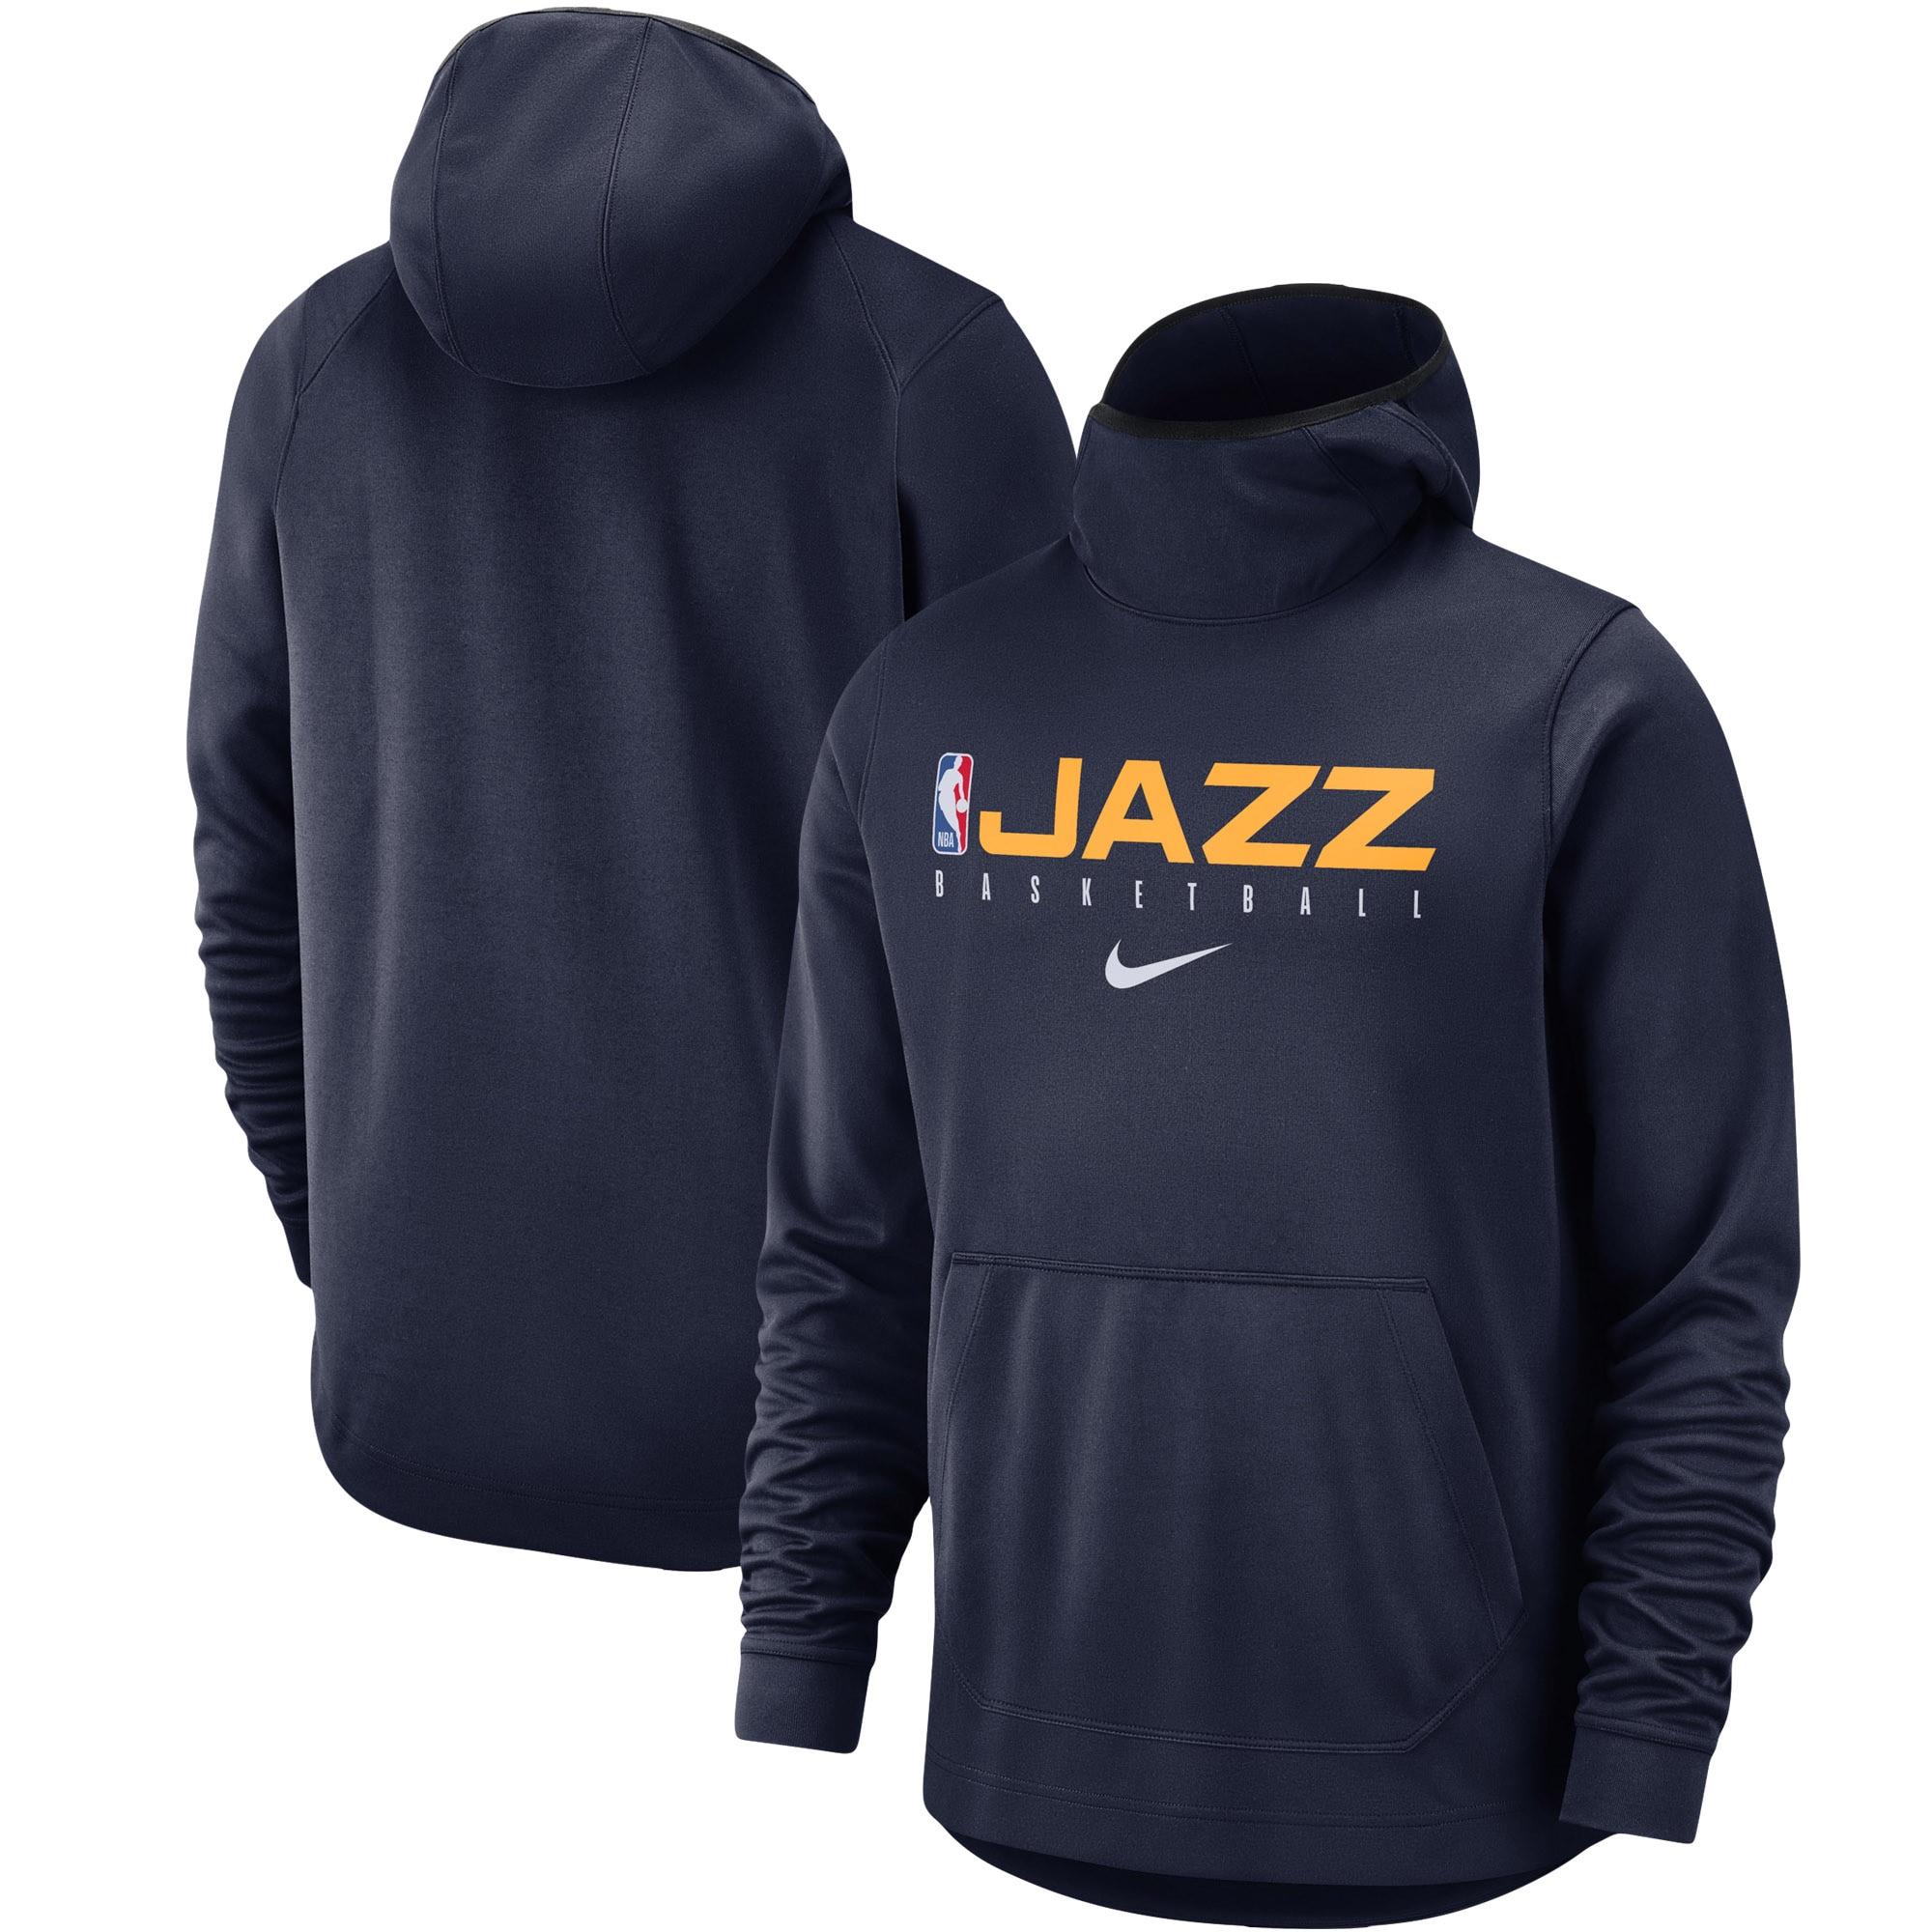 Utah Jazz Nike Spotlight Practice Performance Pullover Hoodie - Navy